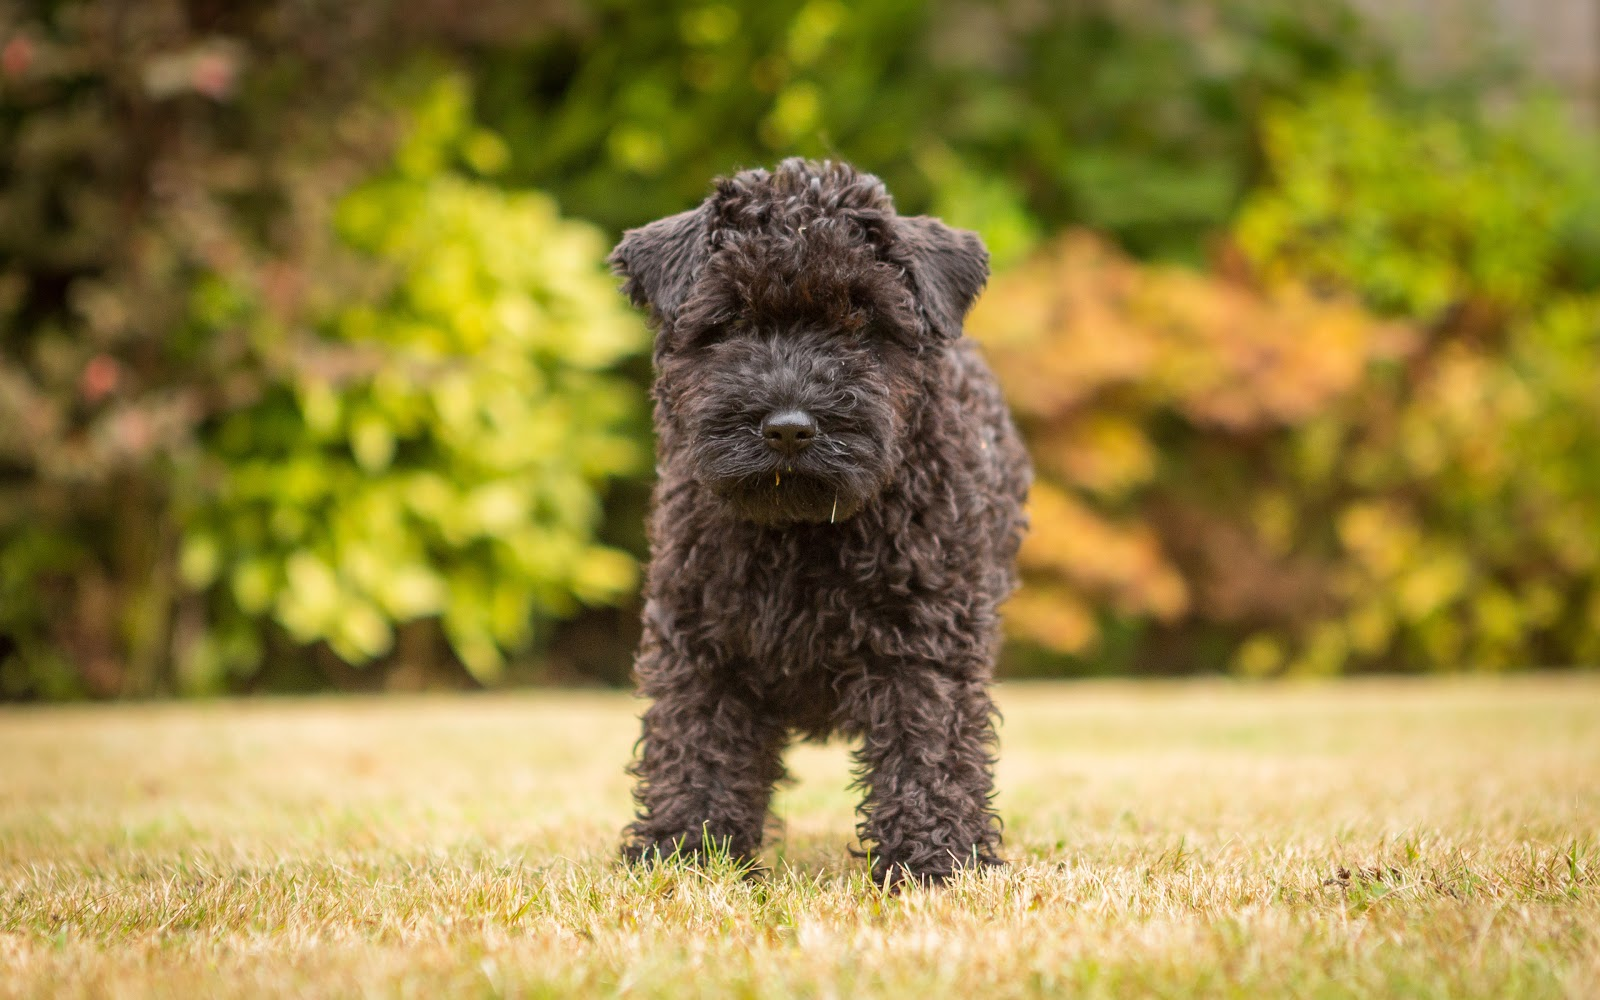 Собака Дешик: история, фото, роль в семье, биография